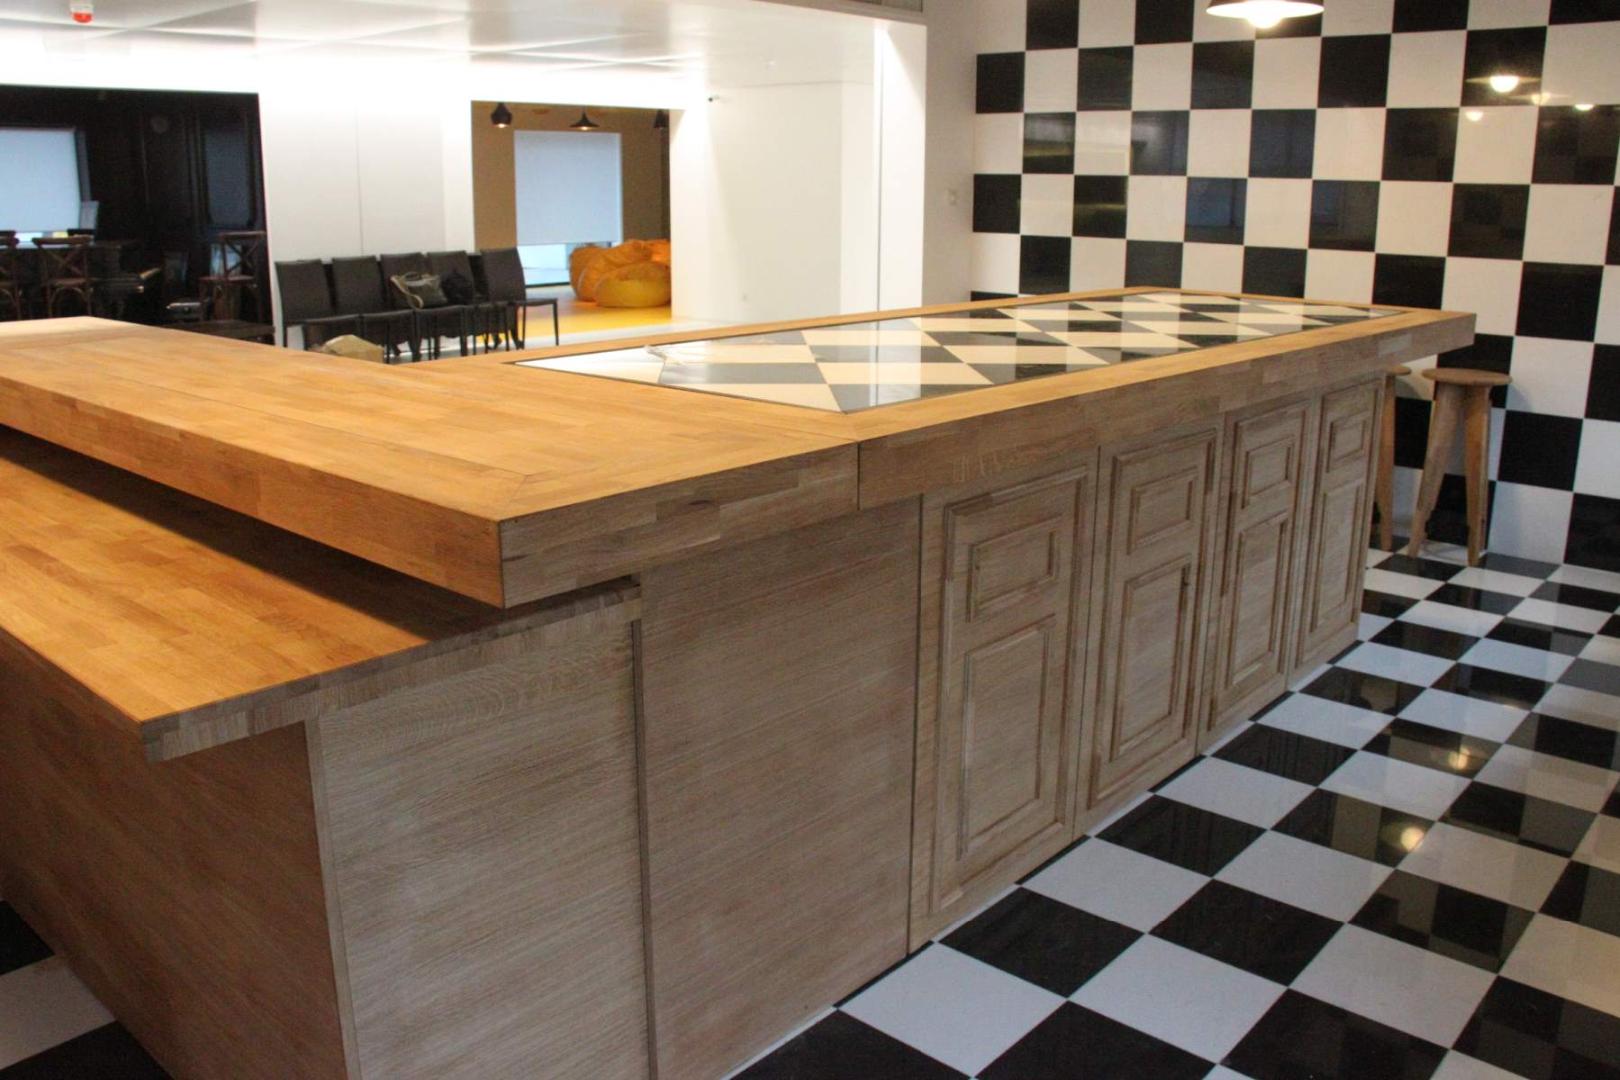 Art cafe mobilier horeca cafenea -lacari lemn masiv furnir bar scaune mese045